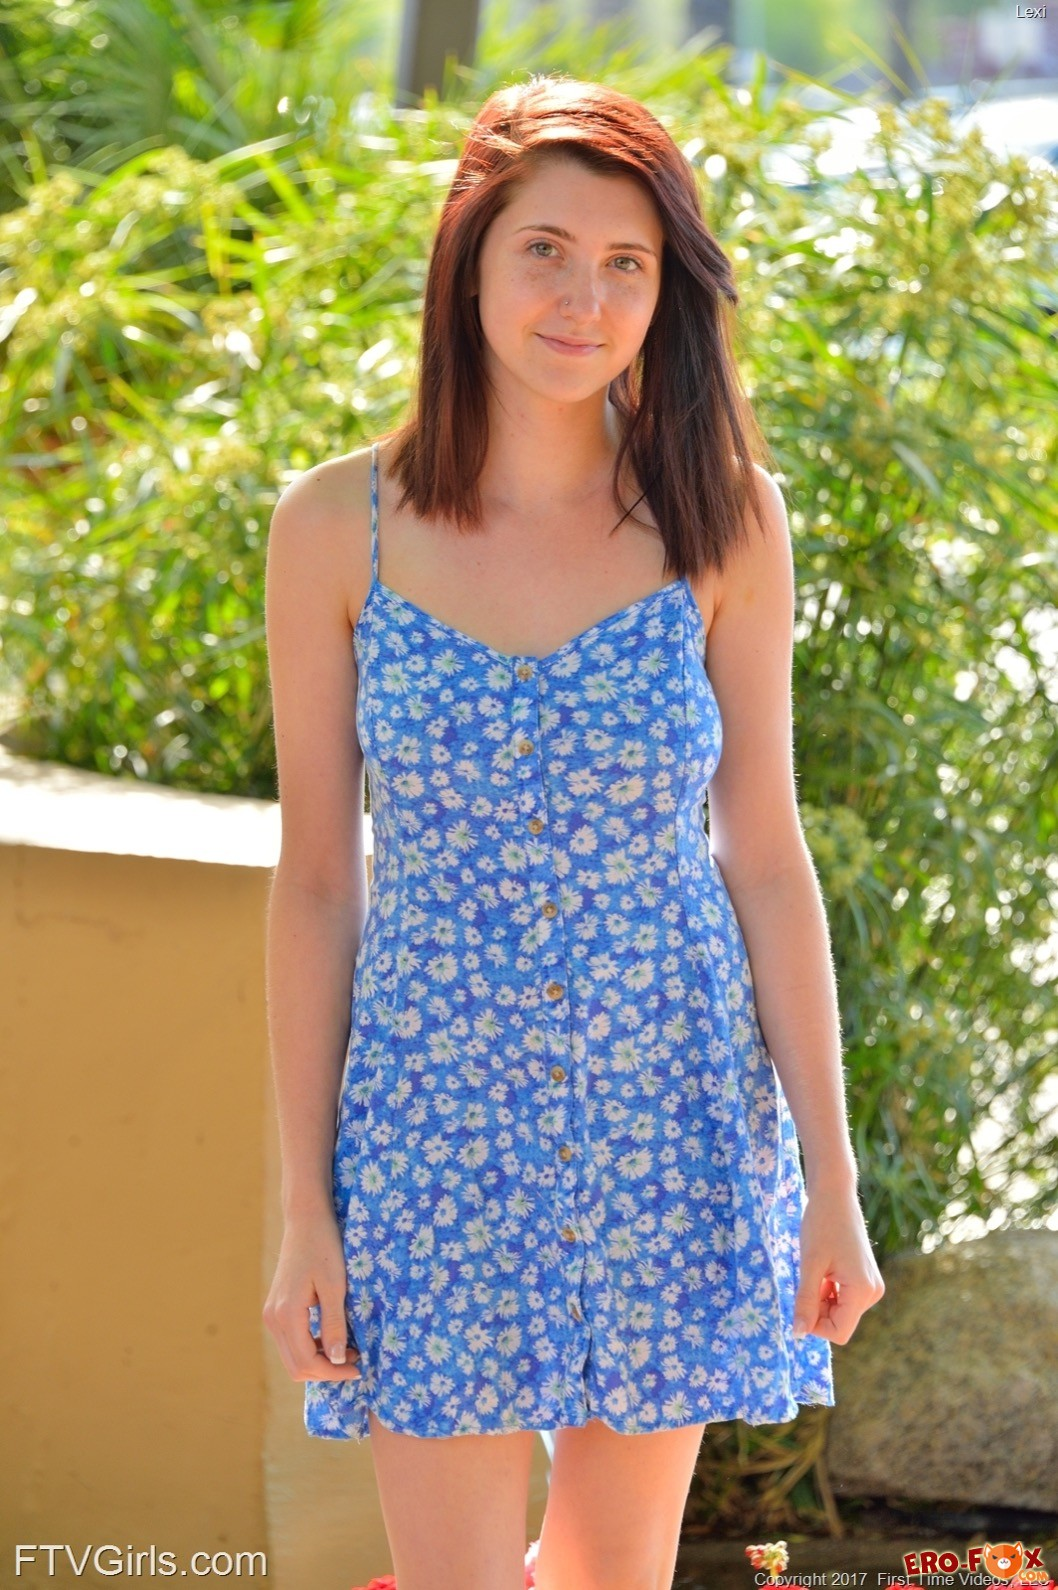 Молодая эксгибиционистка снимает платье в городе